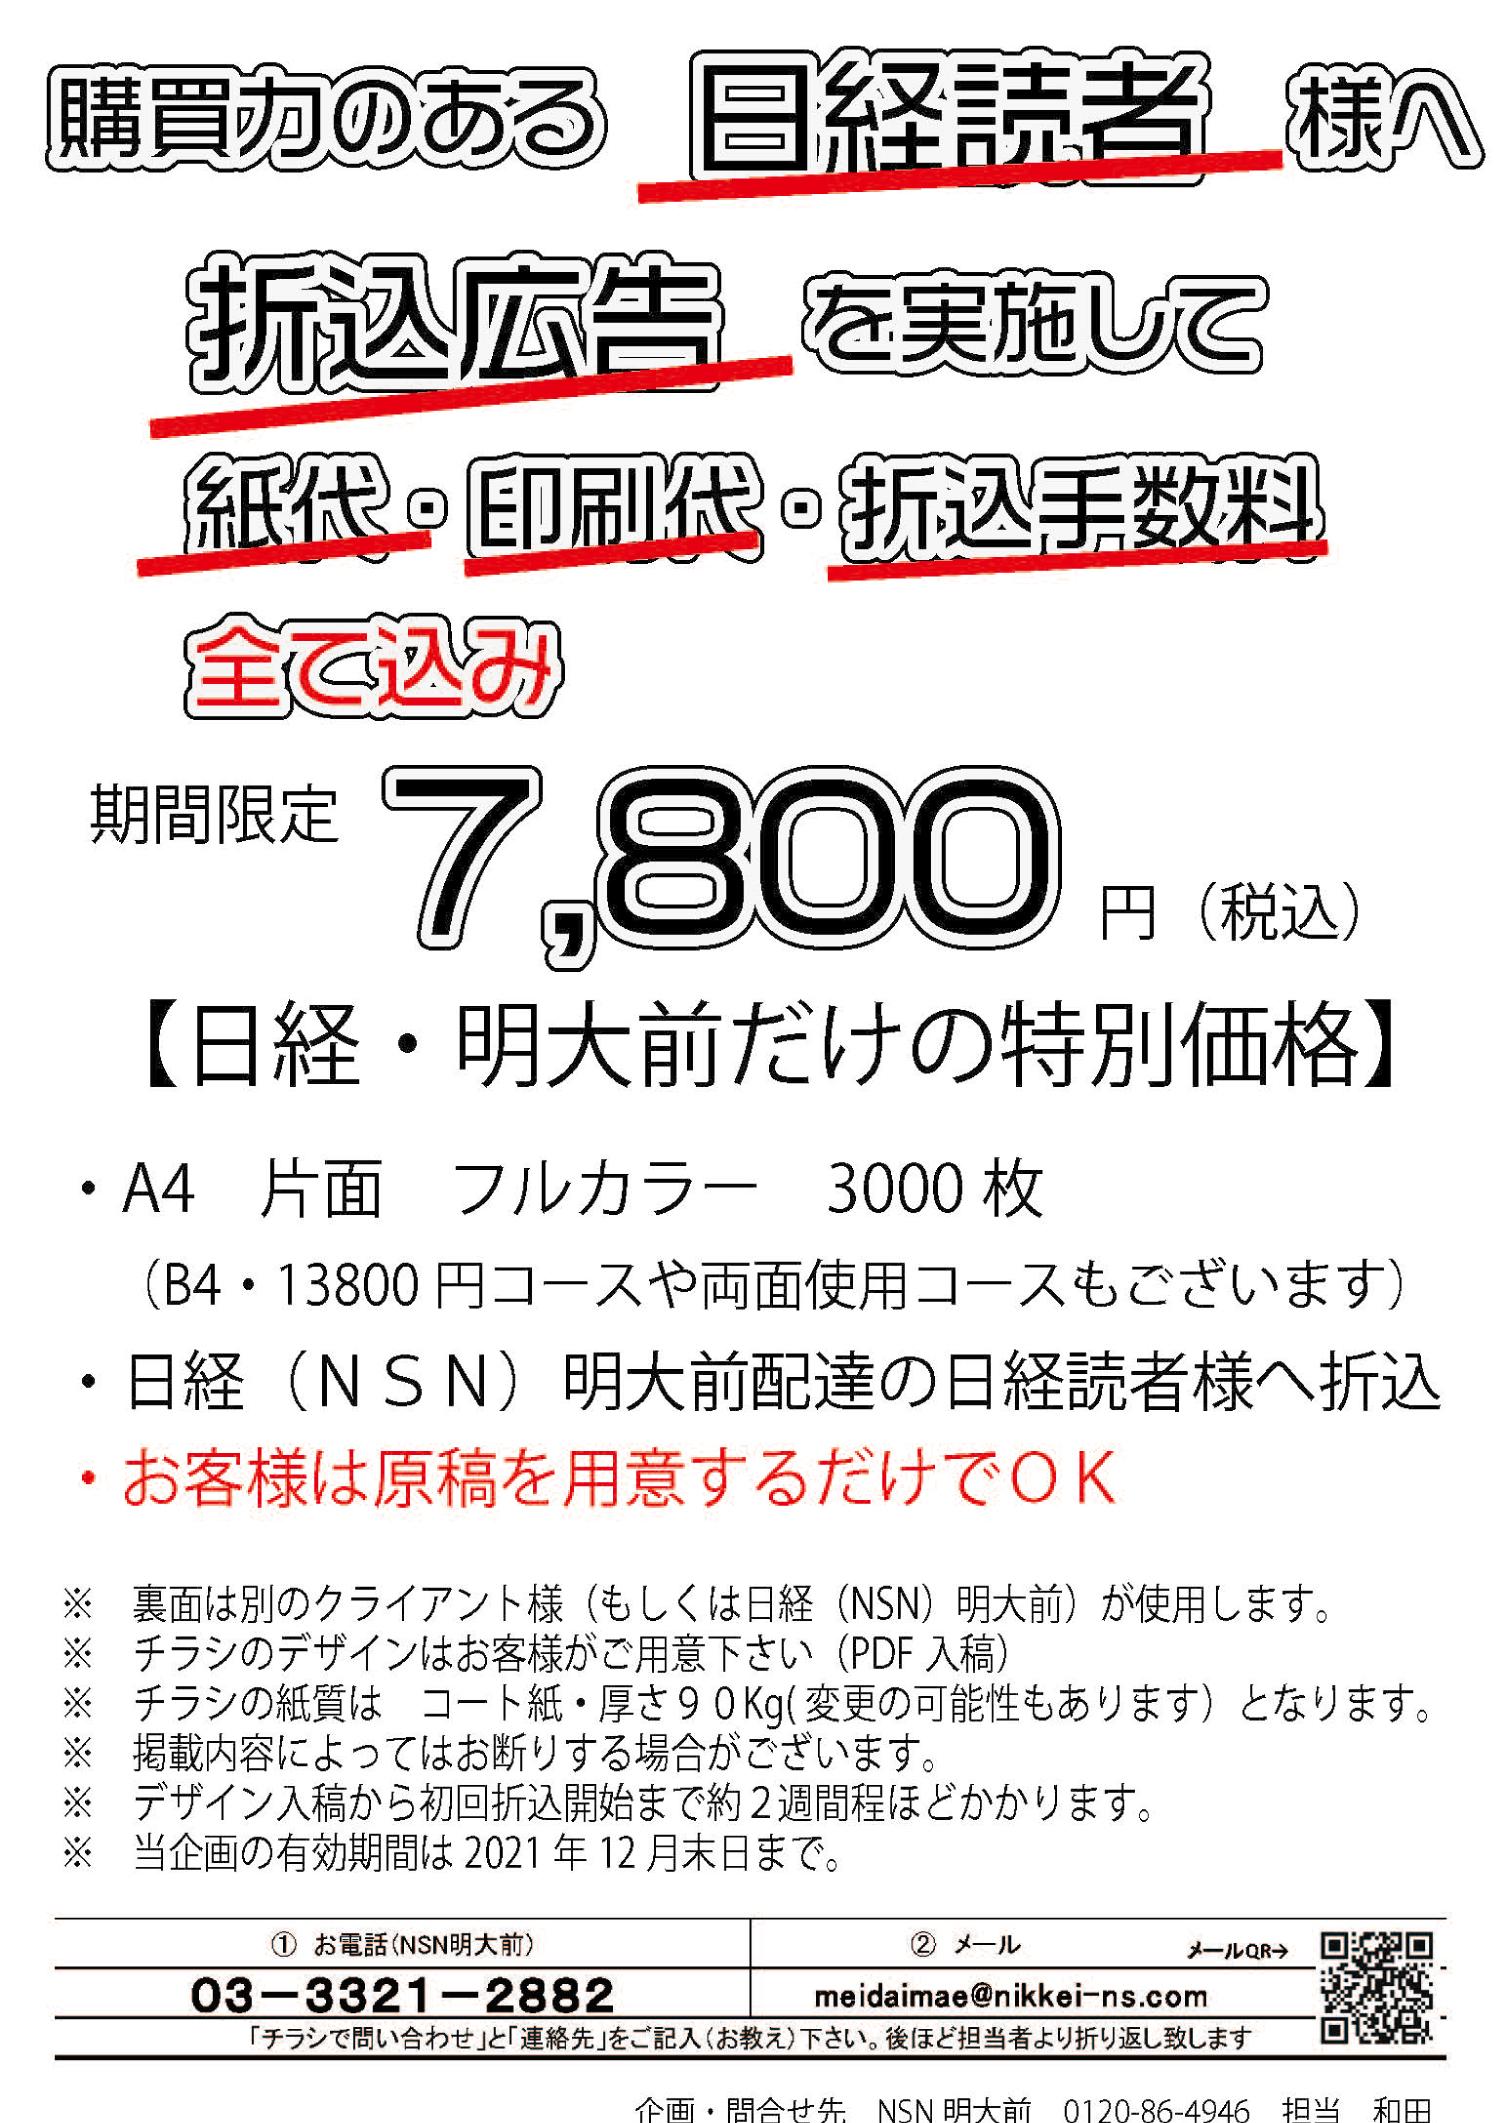 6/23(水) 役立つ!記事解説